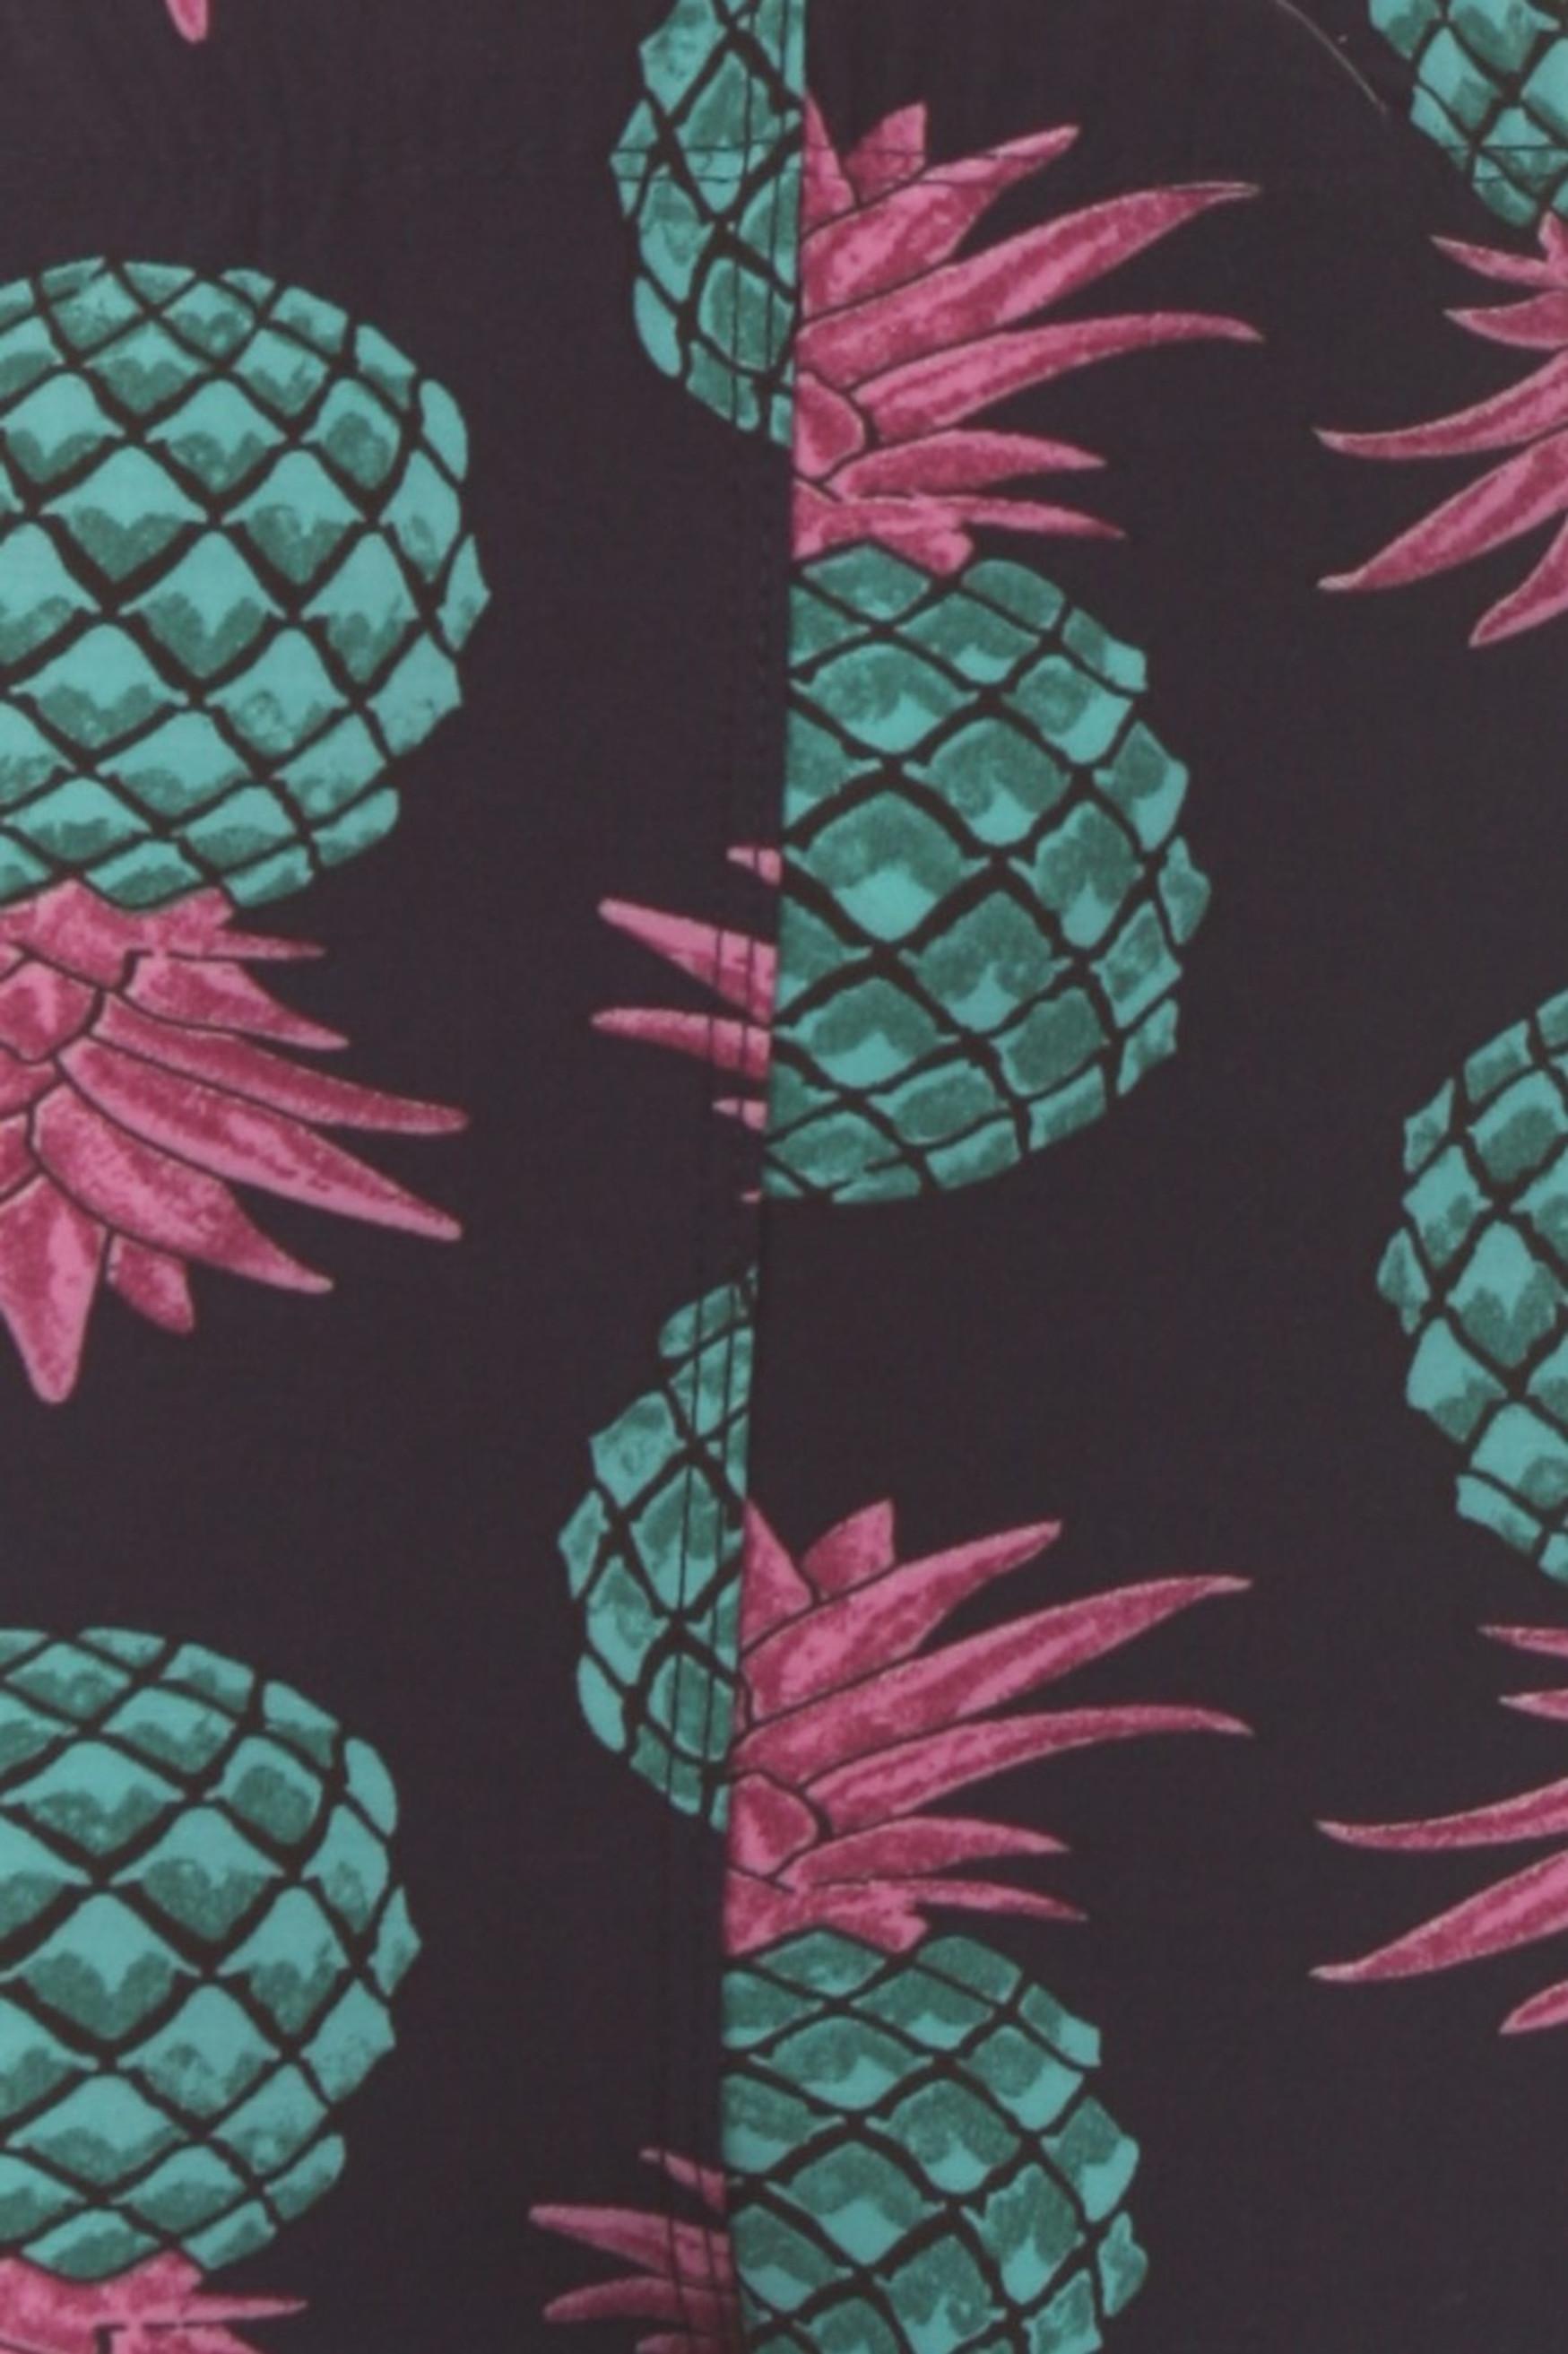 Brushed Teal Pineapple Kids Leggings - EEVEE